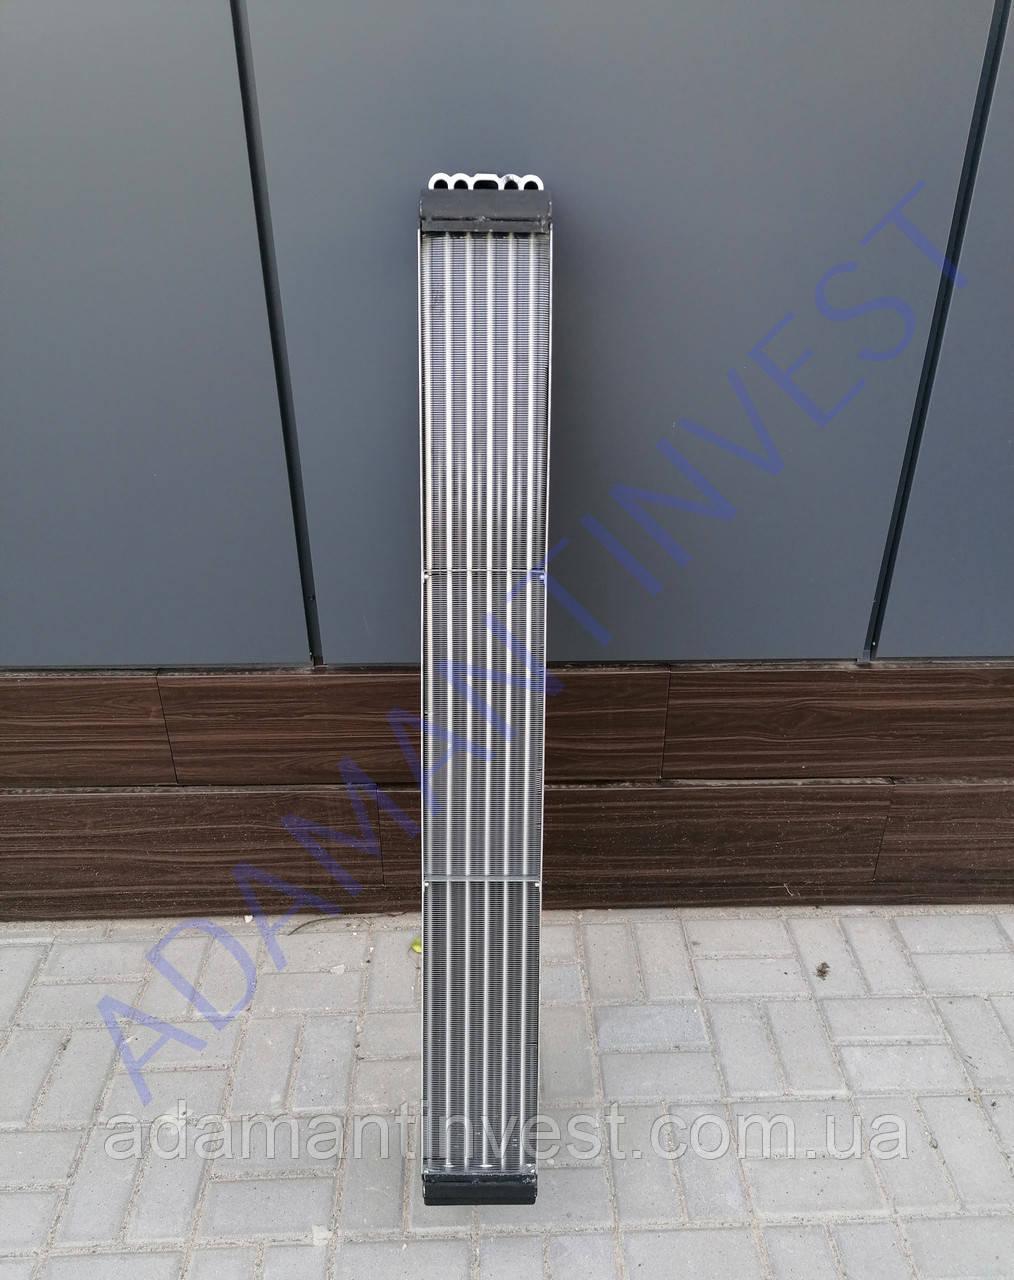 Секция Р62.131.000 водяная радиаторная  ТЭМ 2